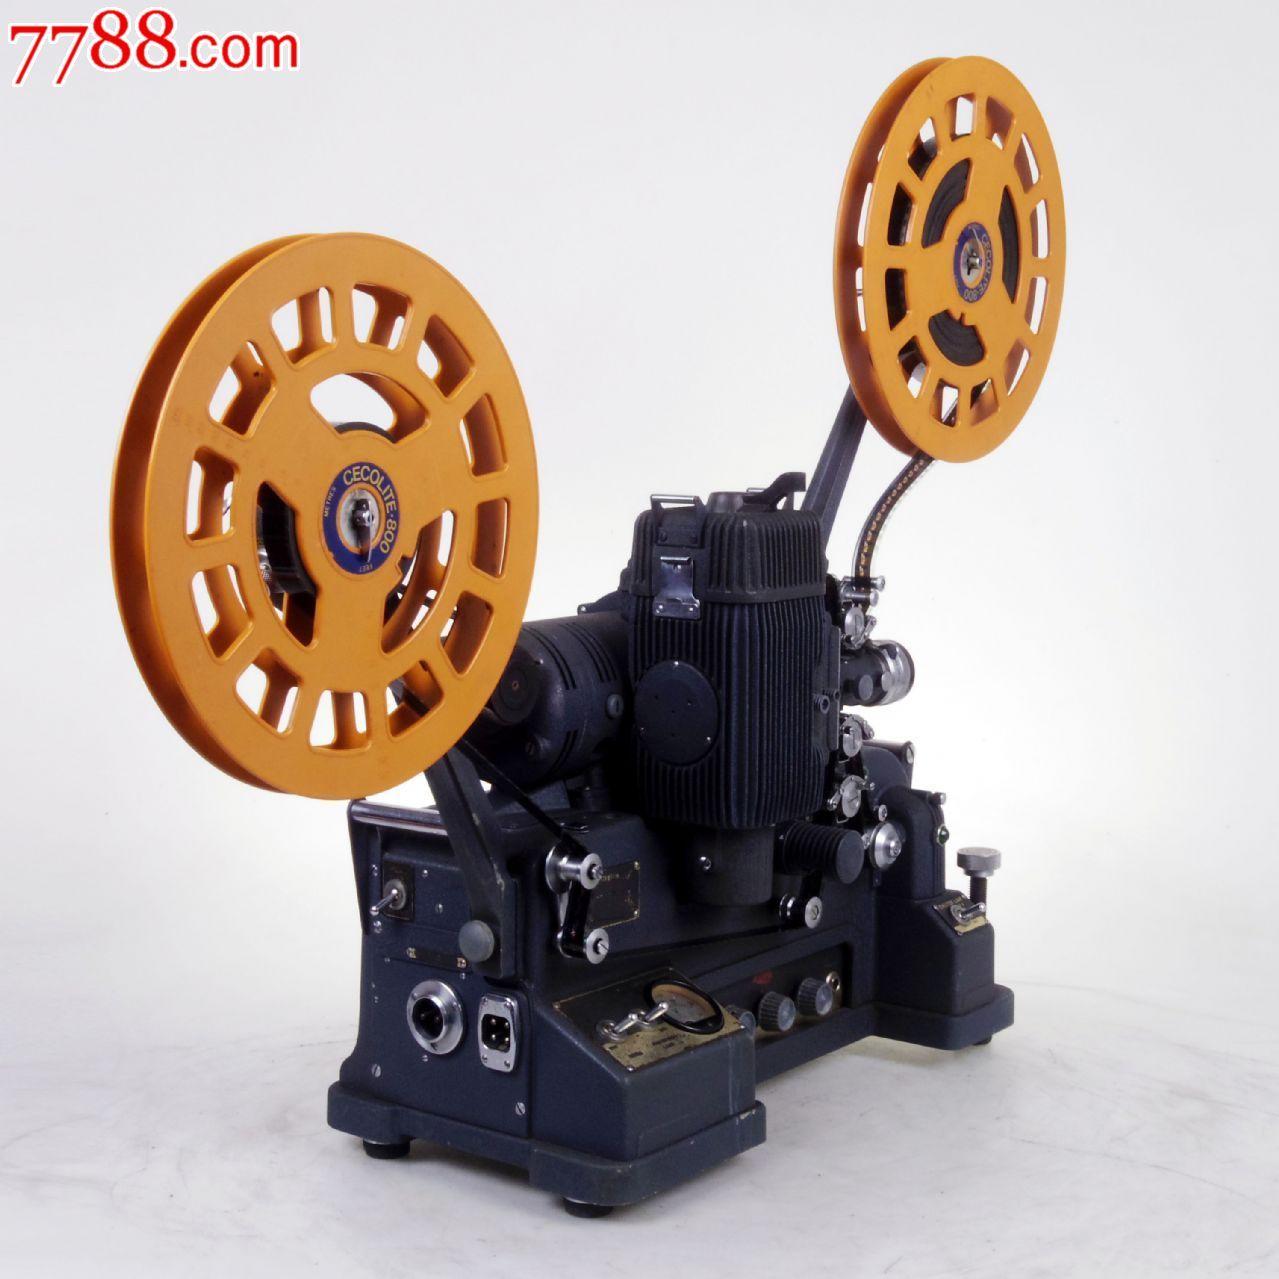 爱尔莫elmosd-116毫米16mm有声电影机放映机8品图片